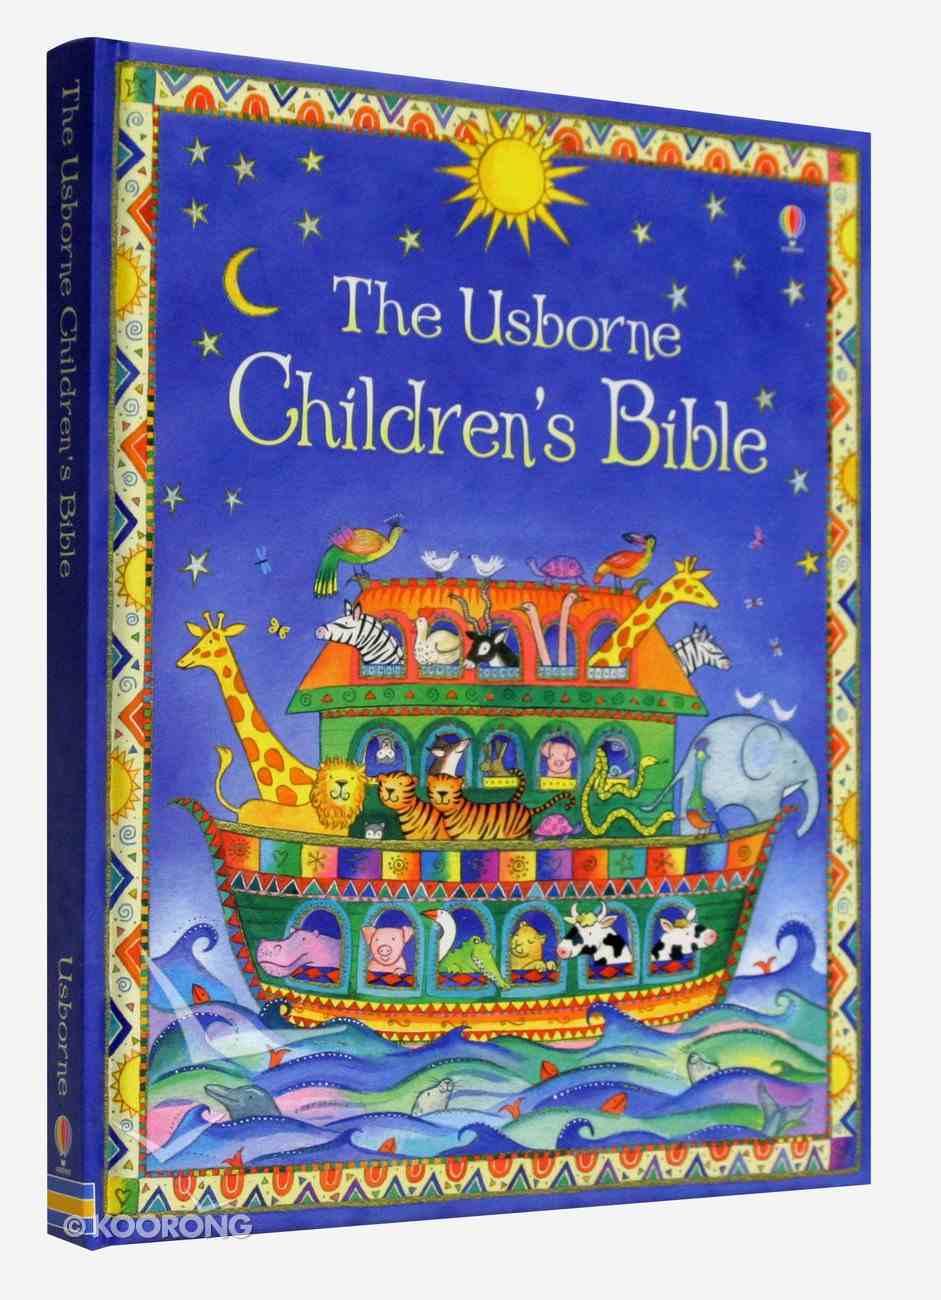 The Usborne's Childrens's Bible Hardback